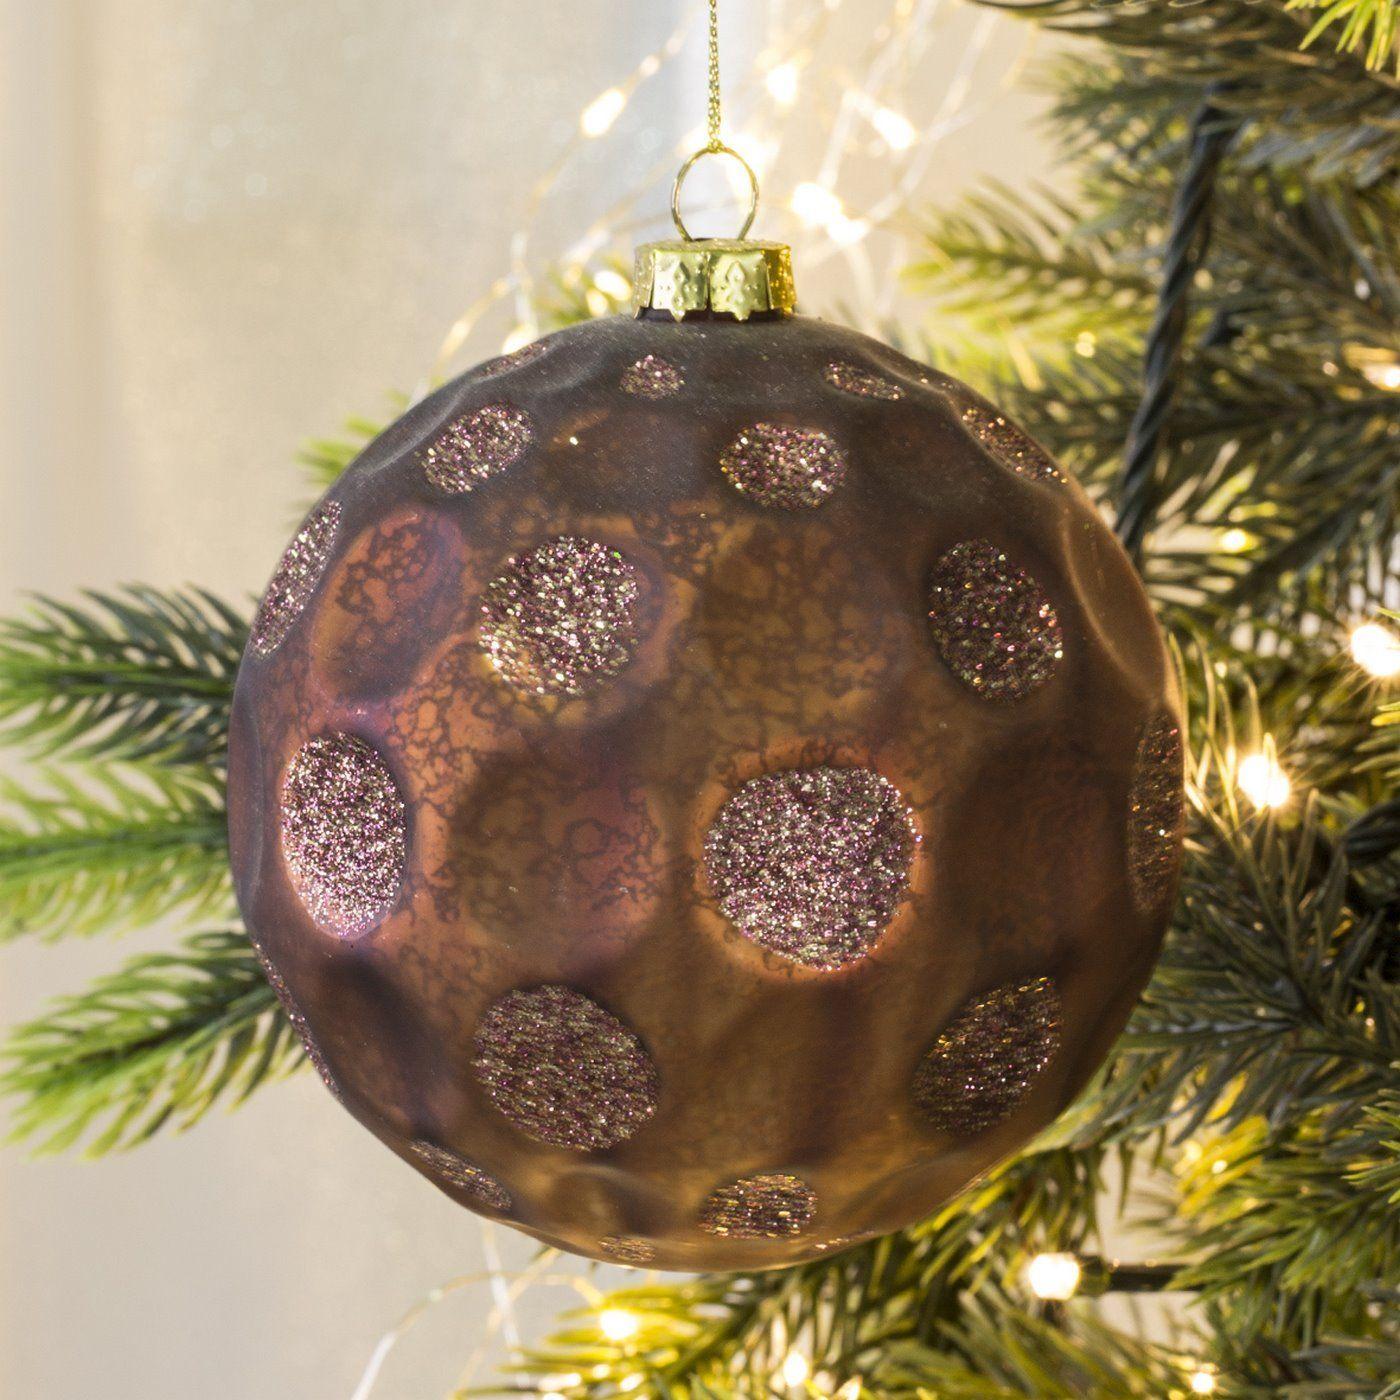 Bombka Szklana Cassimi Wyjatkowa Bombka Szklana Cassimi O Marmurkowej Fakturze W Wytlaczane Grochy Zdobione B Christmas Bulbs Christmas Ornaments Holiday Decor